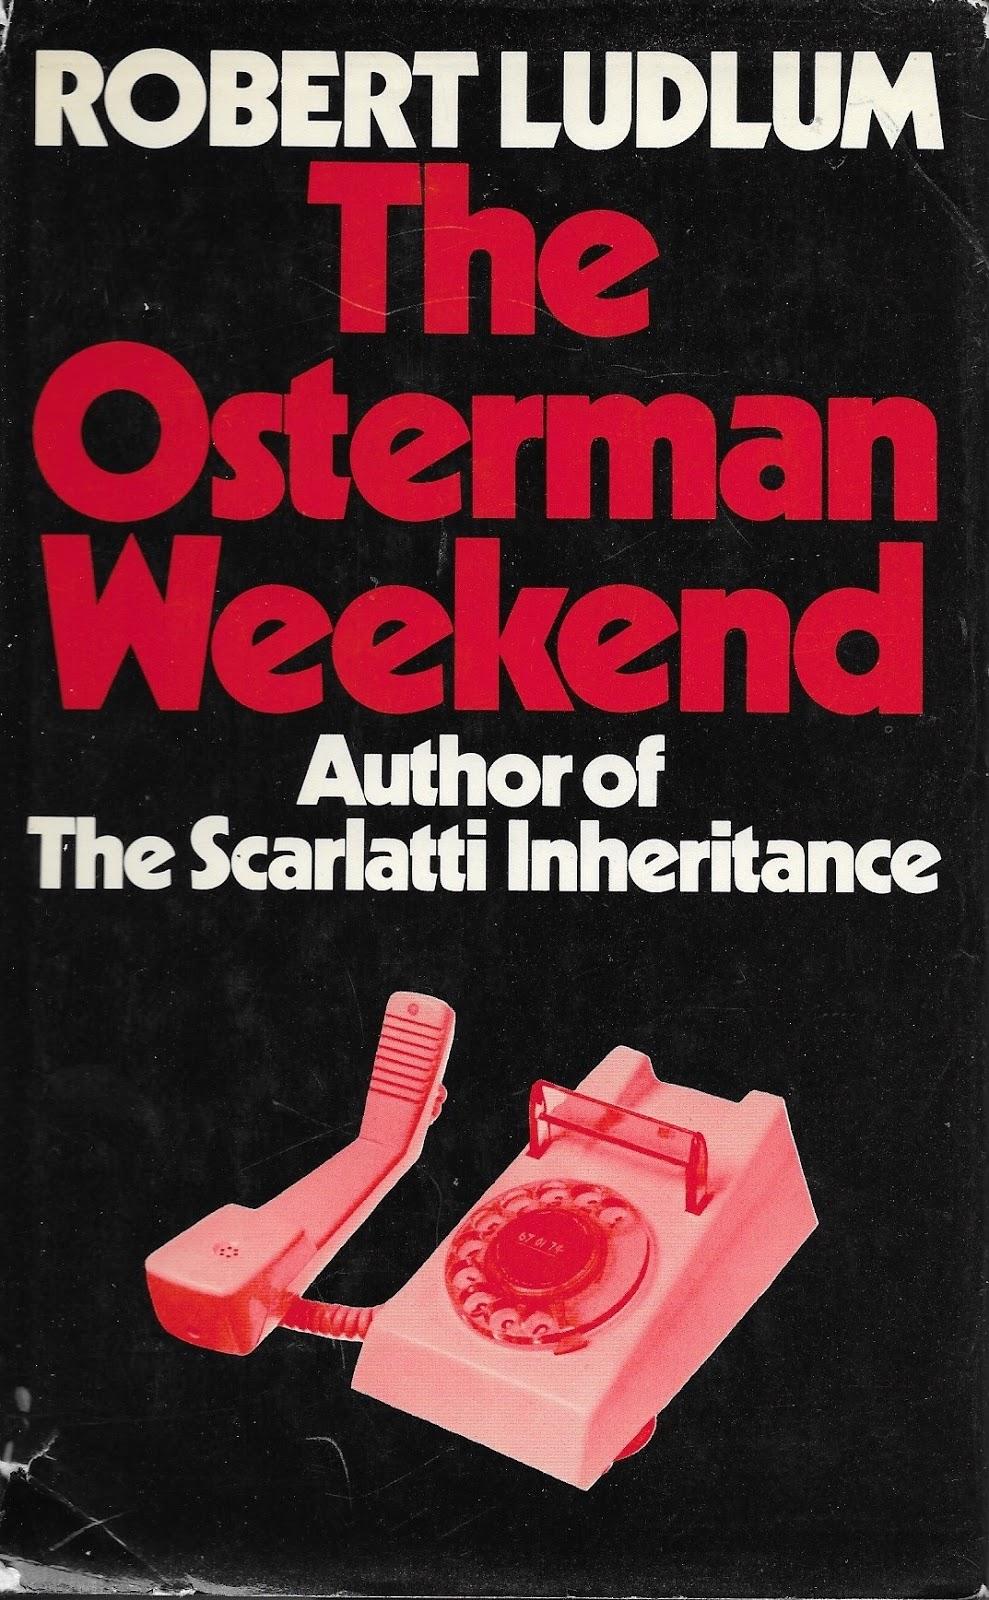 Роберт Ладлэм — Уик-энд Остерманов (1972)